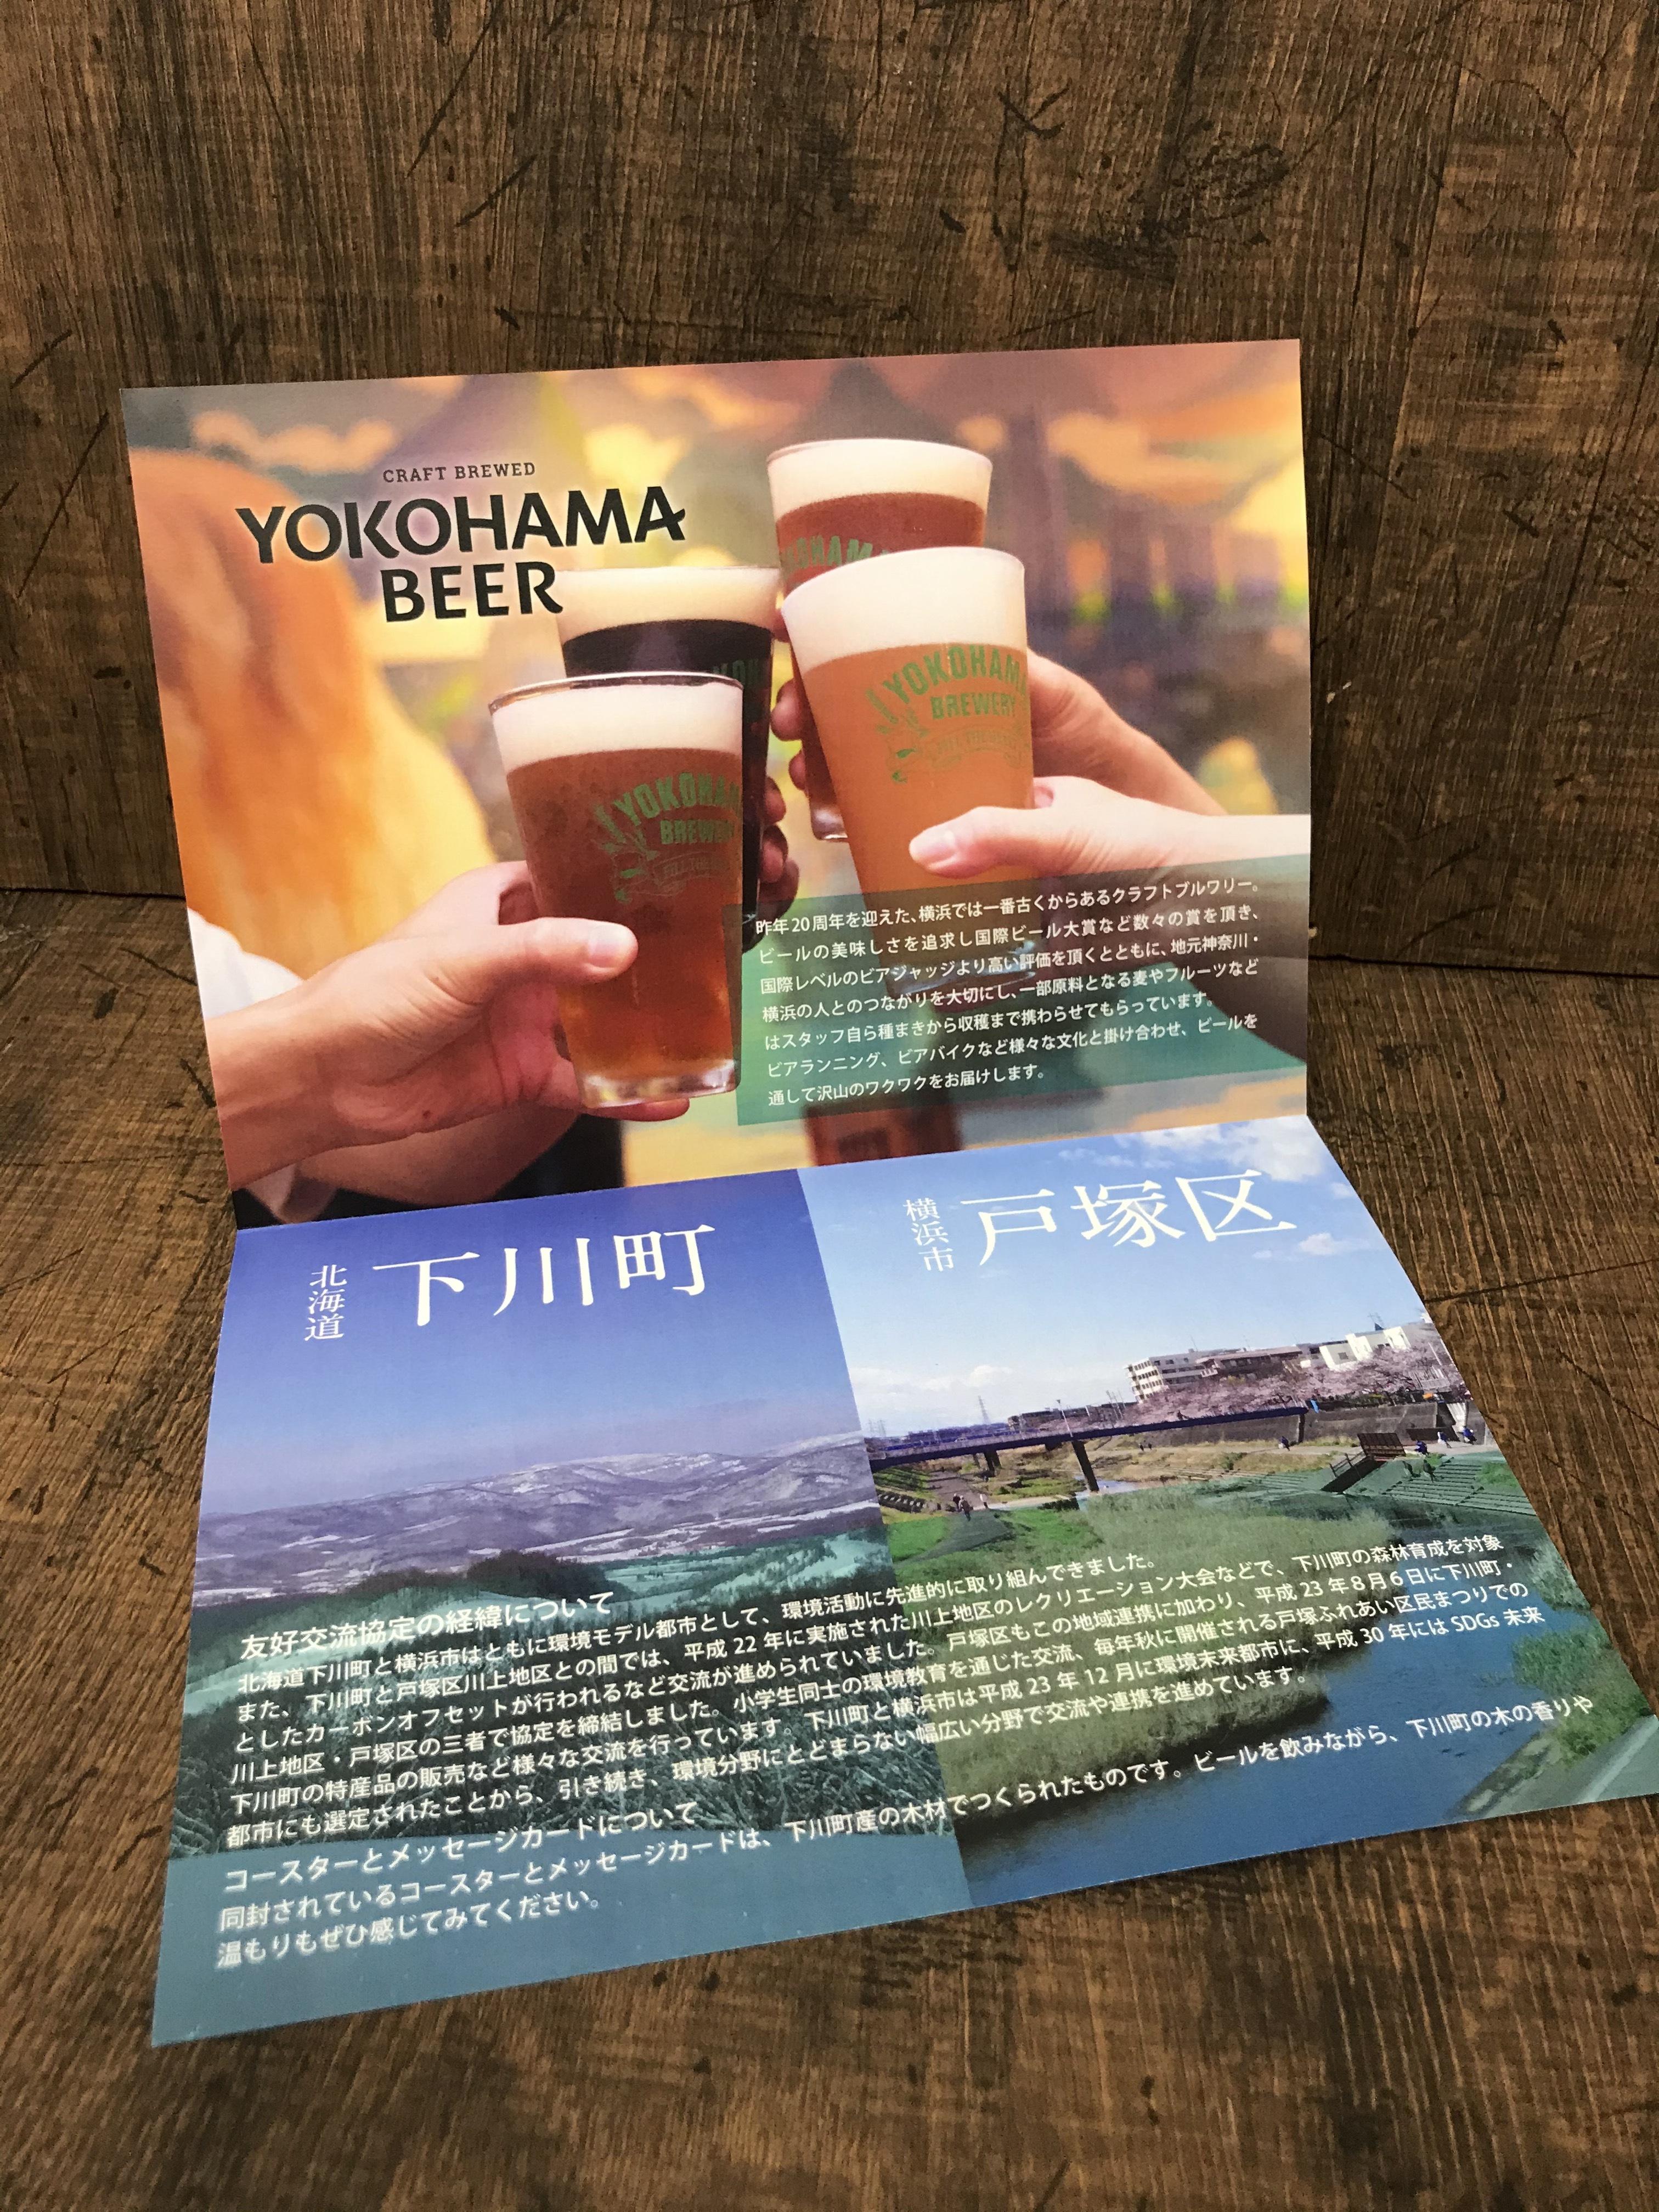 【季節限定】みんなで乾杯セット  ともだちウィートエール330ml 5本セット〜下川町の木製コースター&横浜ビールオリジナルリユースカップ付〜付き